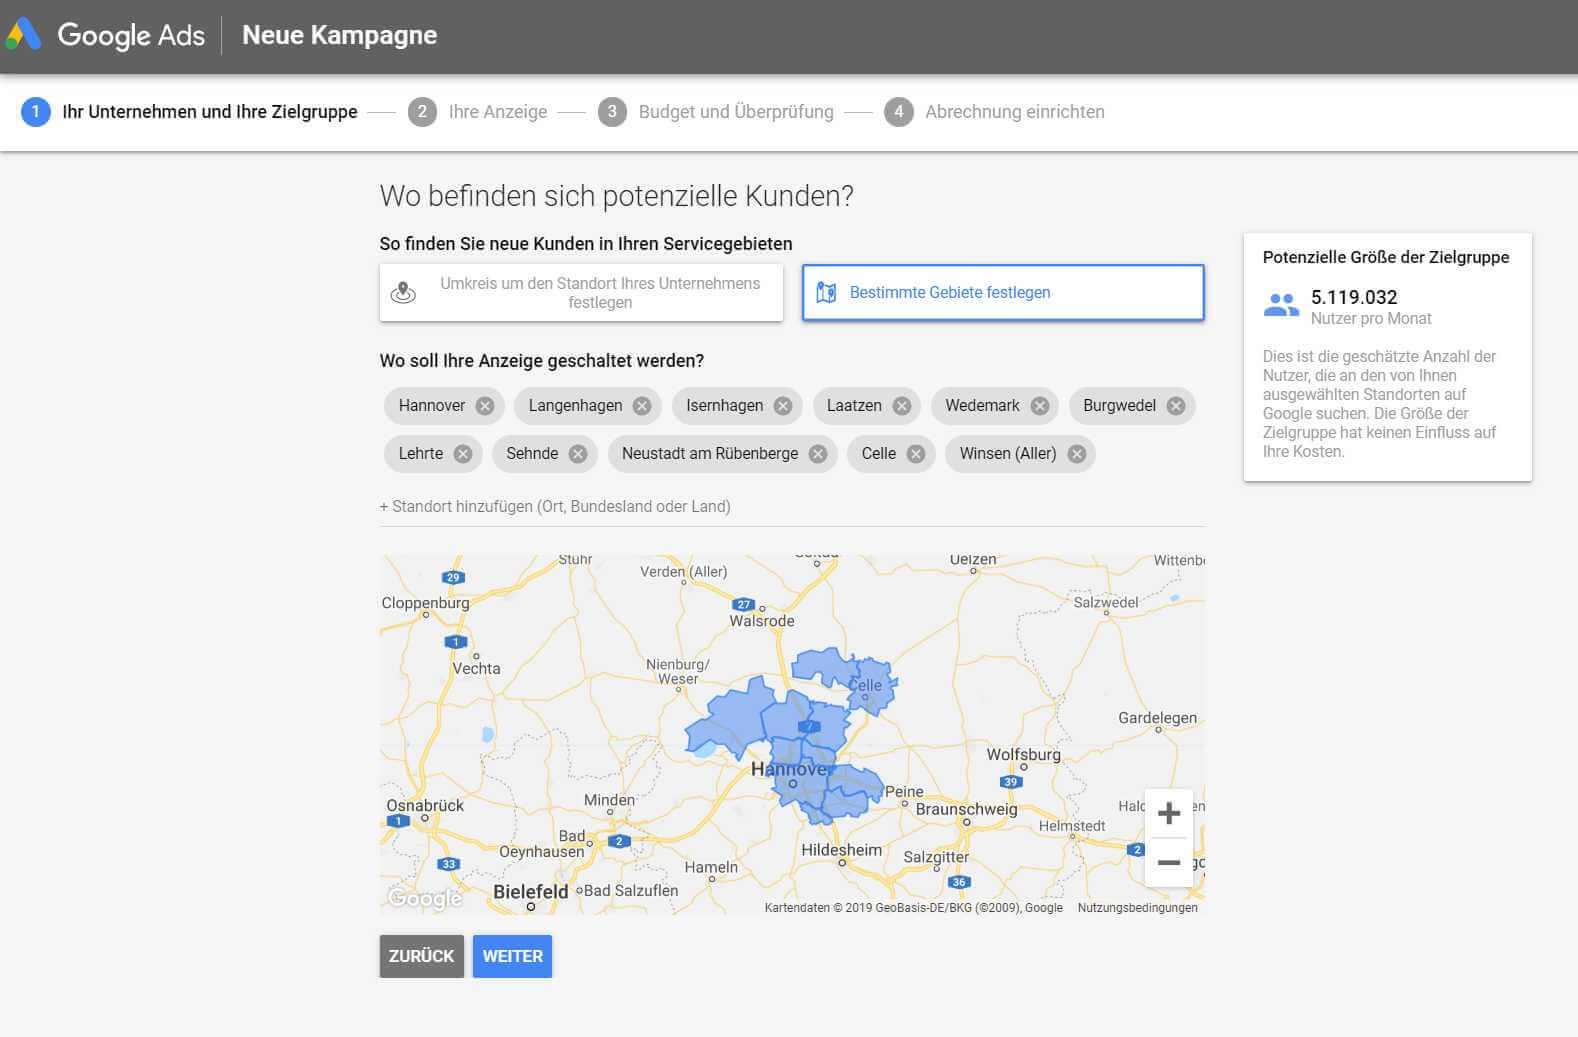 Smart Campaign, Regionen